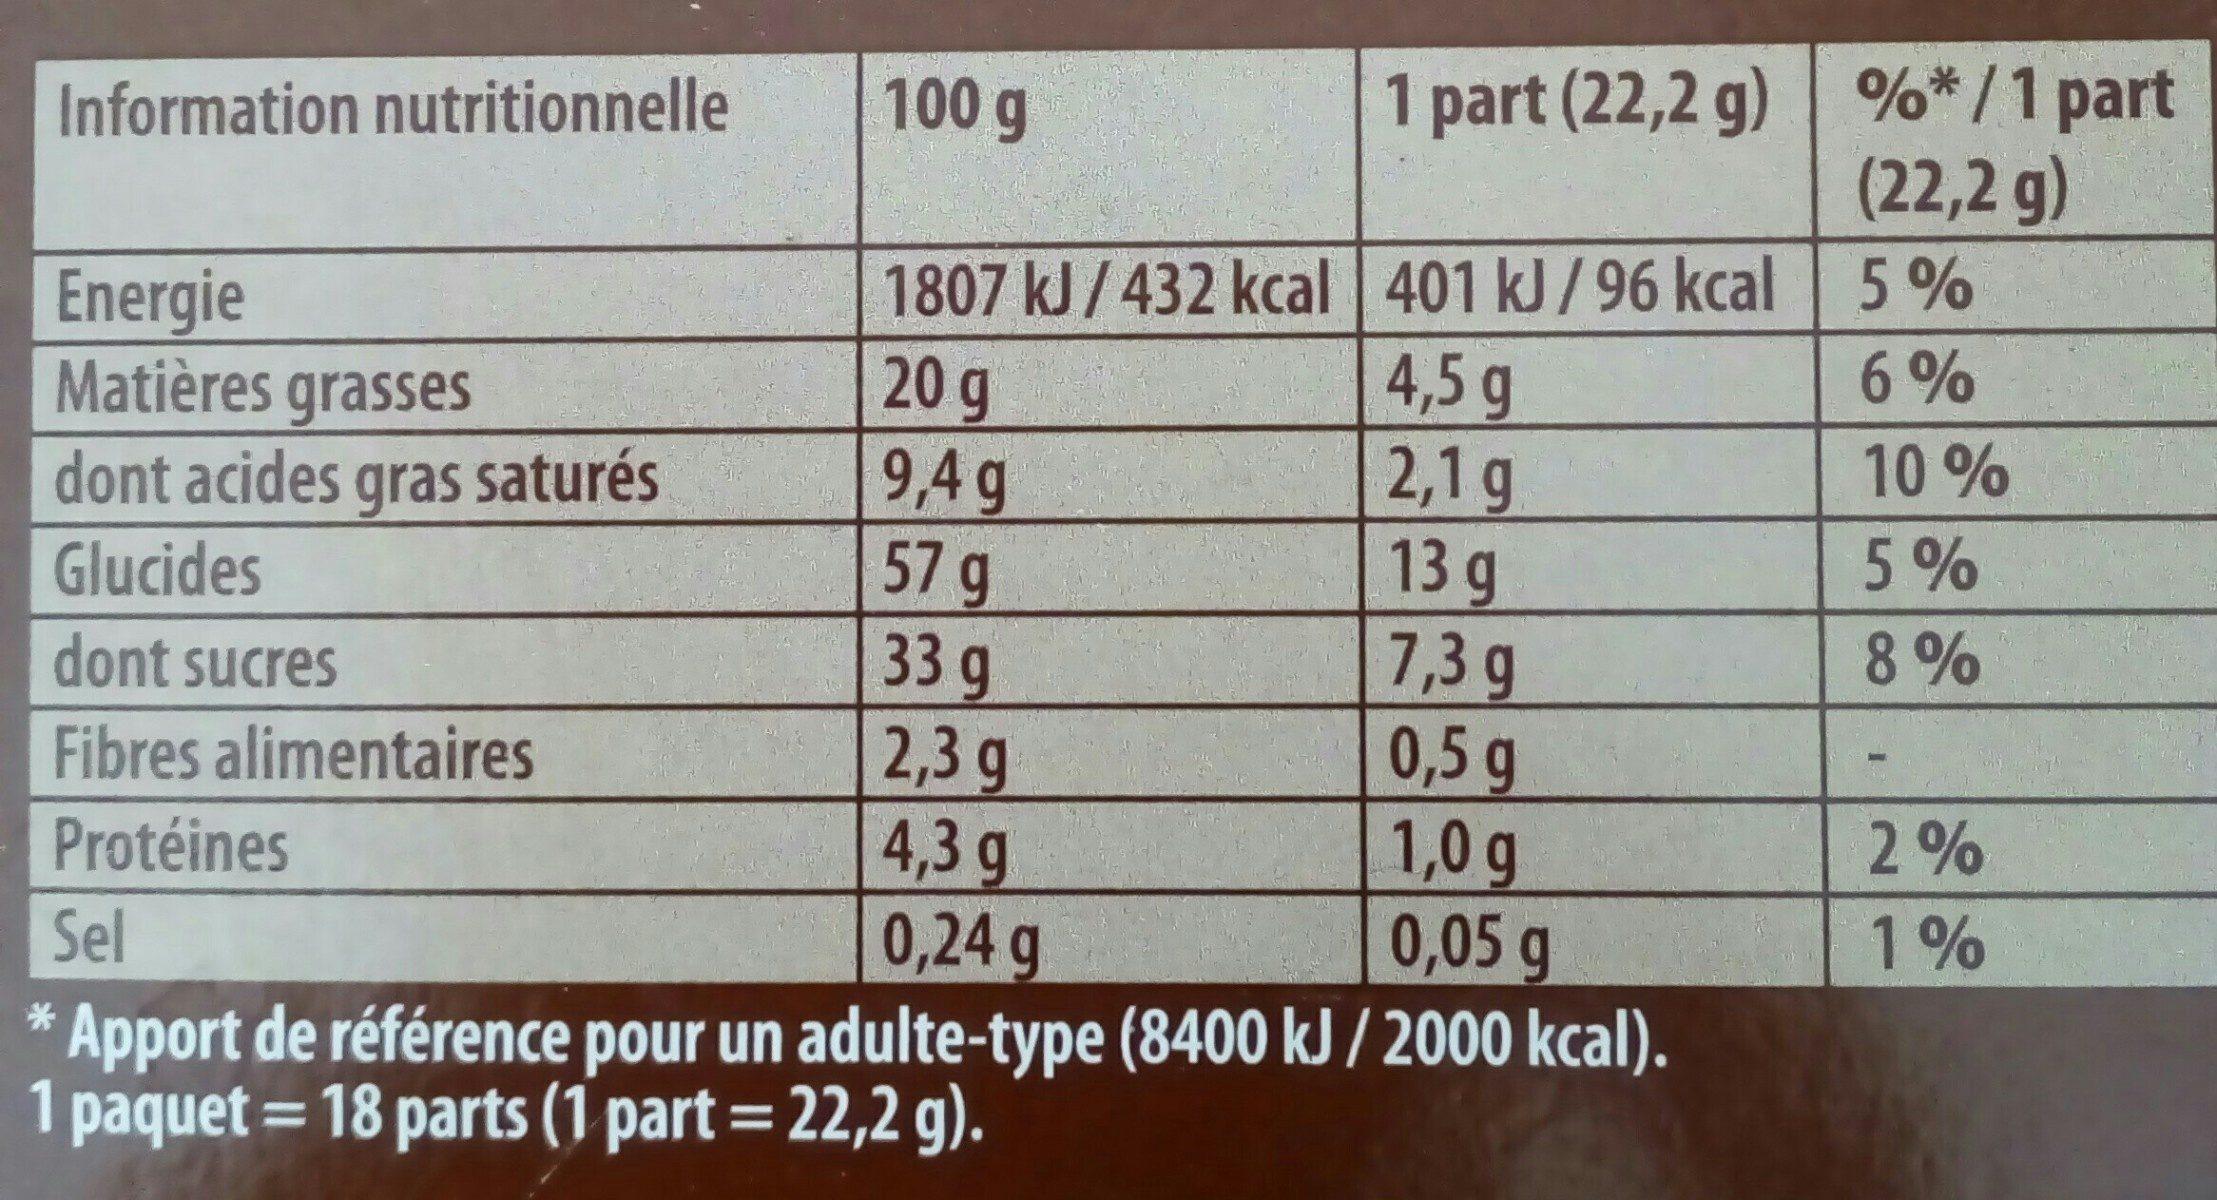 Napolitain. Le gâteau choco - Ingrédients - fr